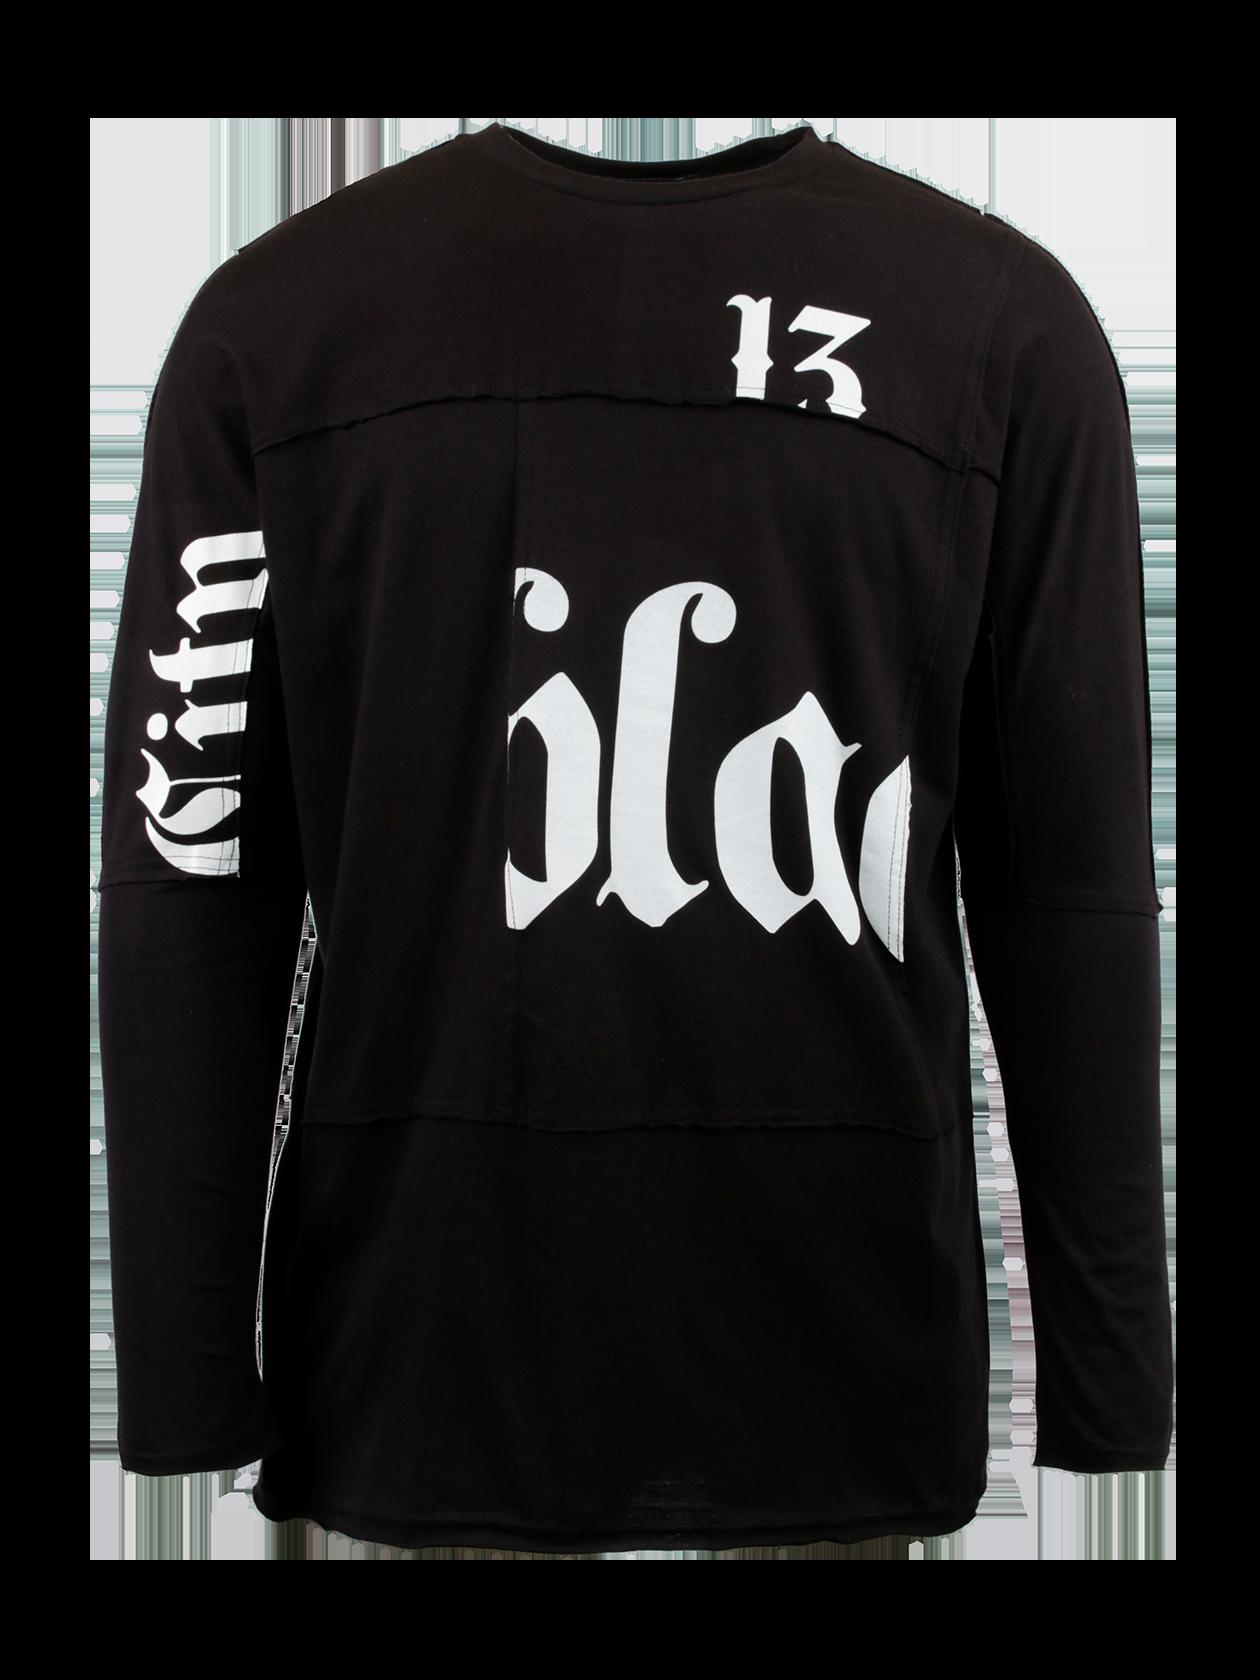 Лонгслив мужской CITY 13Мужской лонгслив City 13 стильного дизайна – актуальная вещь для любого сезона. Модель лаконичного черного цвета декорирована горизонтальными и вертикальными швами наизнанку по всему изделию. Цельнокроеный длинный рукав, округлая горловина с жаккардовым лейблом BSW на внутренней стороне. Эффектной фишкой вещи является принт с надписью Black Star 13, оформленный частями на рукавах, спине и спереди. Материал изготовления лонгслива – 100% хлопок премиального качества.<br><br>Размер: S<br>Цвет: Черный<br>Пол: Мужской